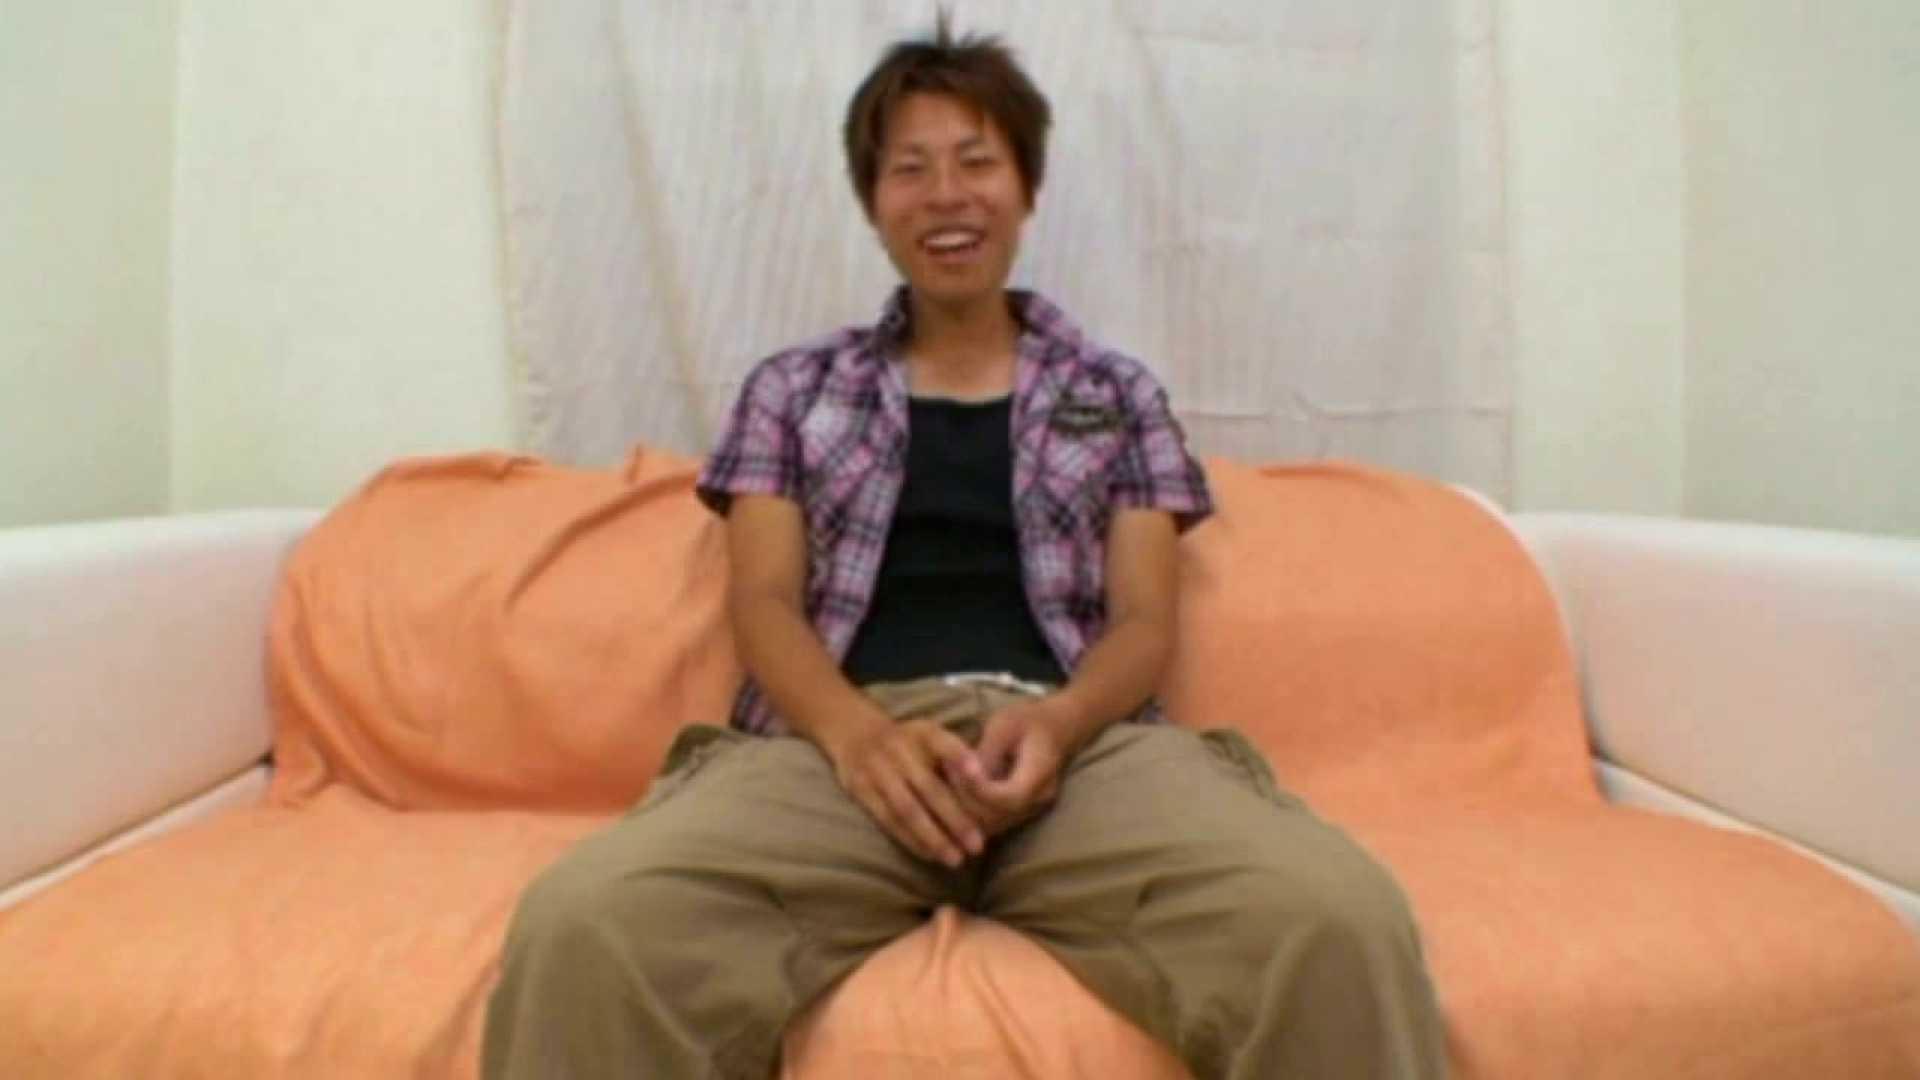 ノンケ!自慰スタジオ No.10 オナニー アダルトビデオ画像キャプチャ 113枚 55